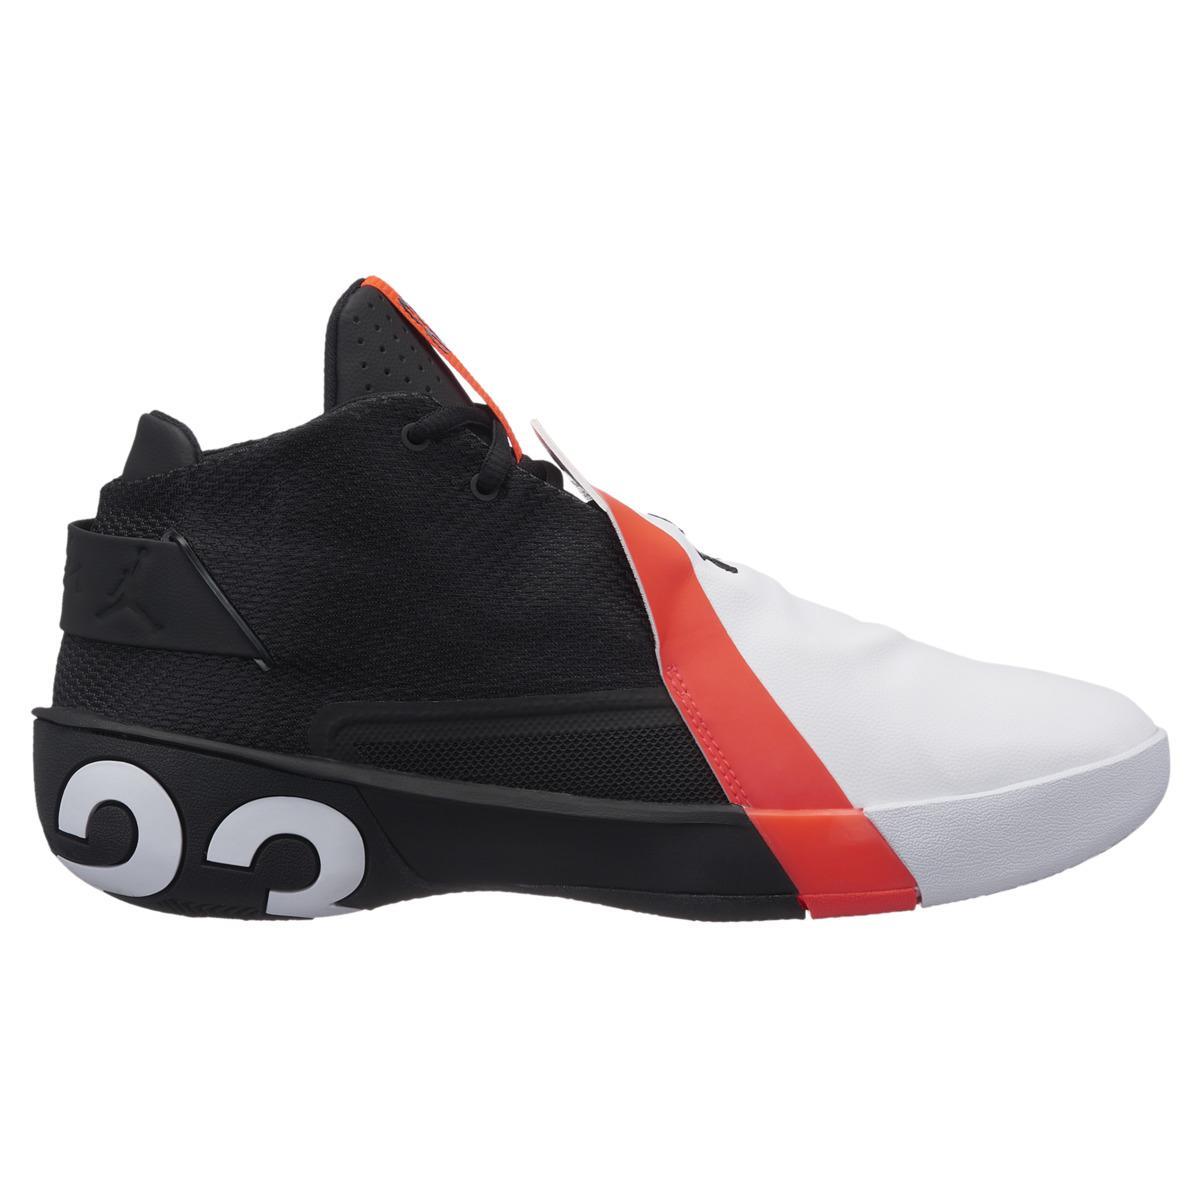 cd43e8a4cb0f74 Lyst - Nike Jordan Ultra.fly 3 Basketball Shoes in Black for Men